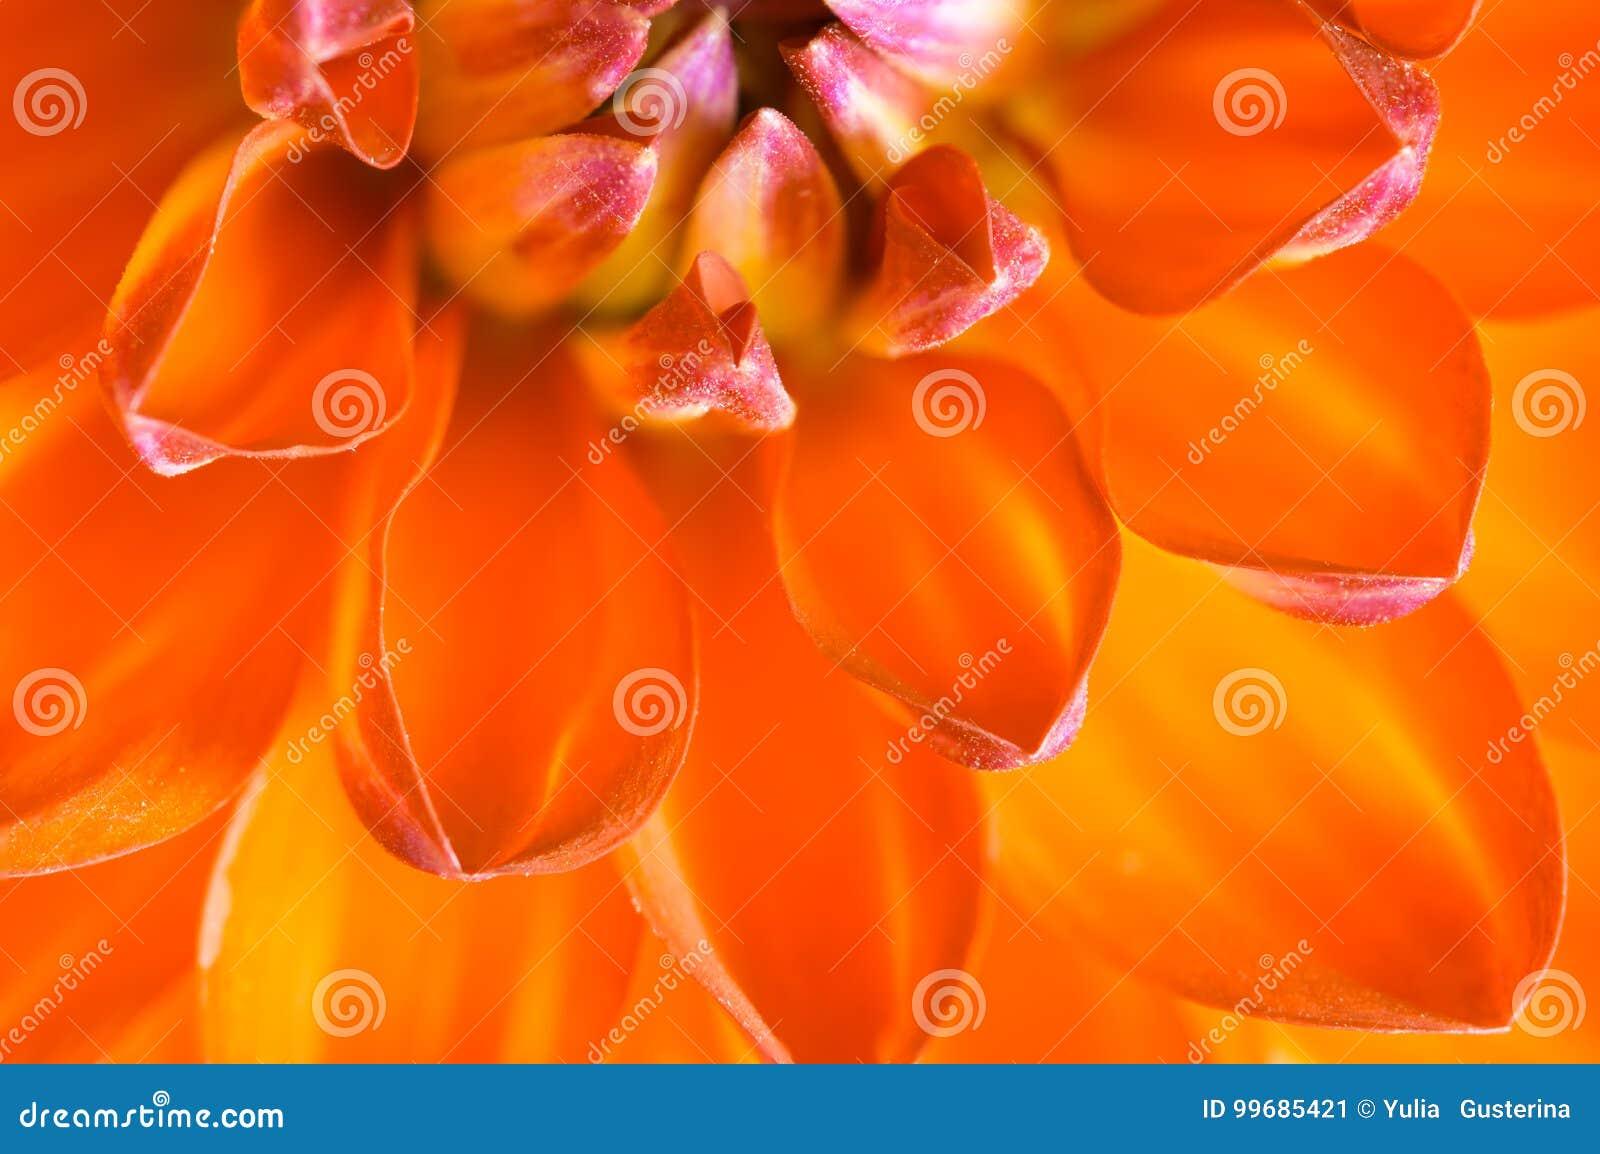 Petals of dahlias close-up. Selective soft focus.